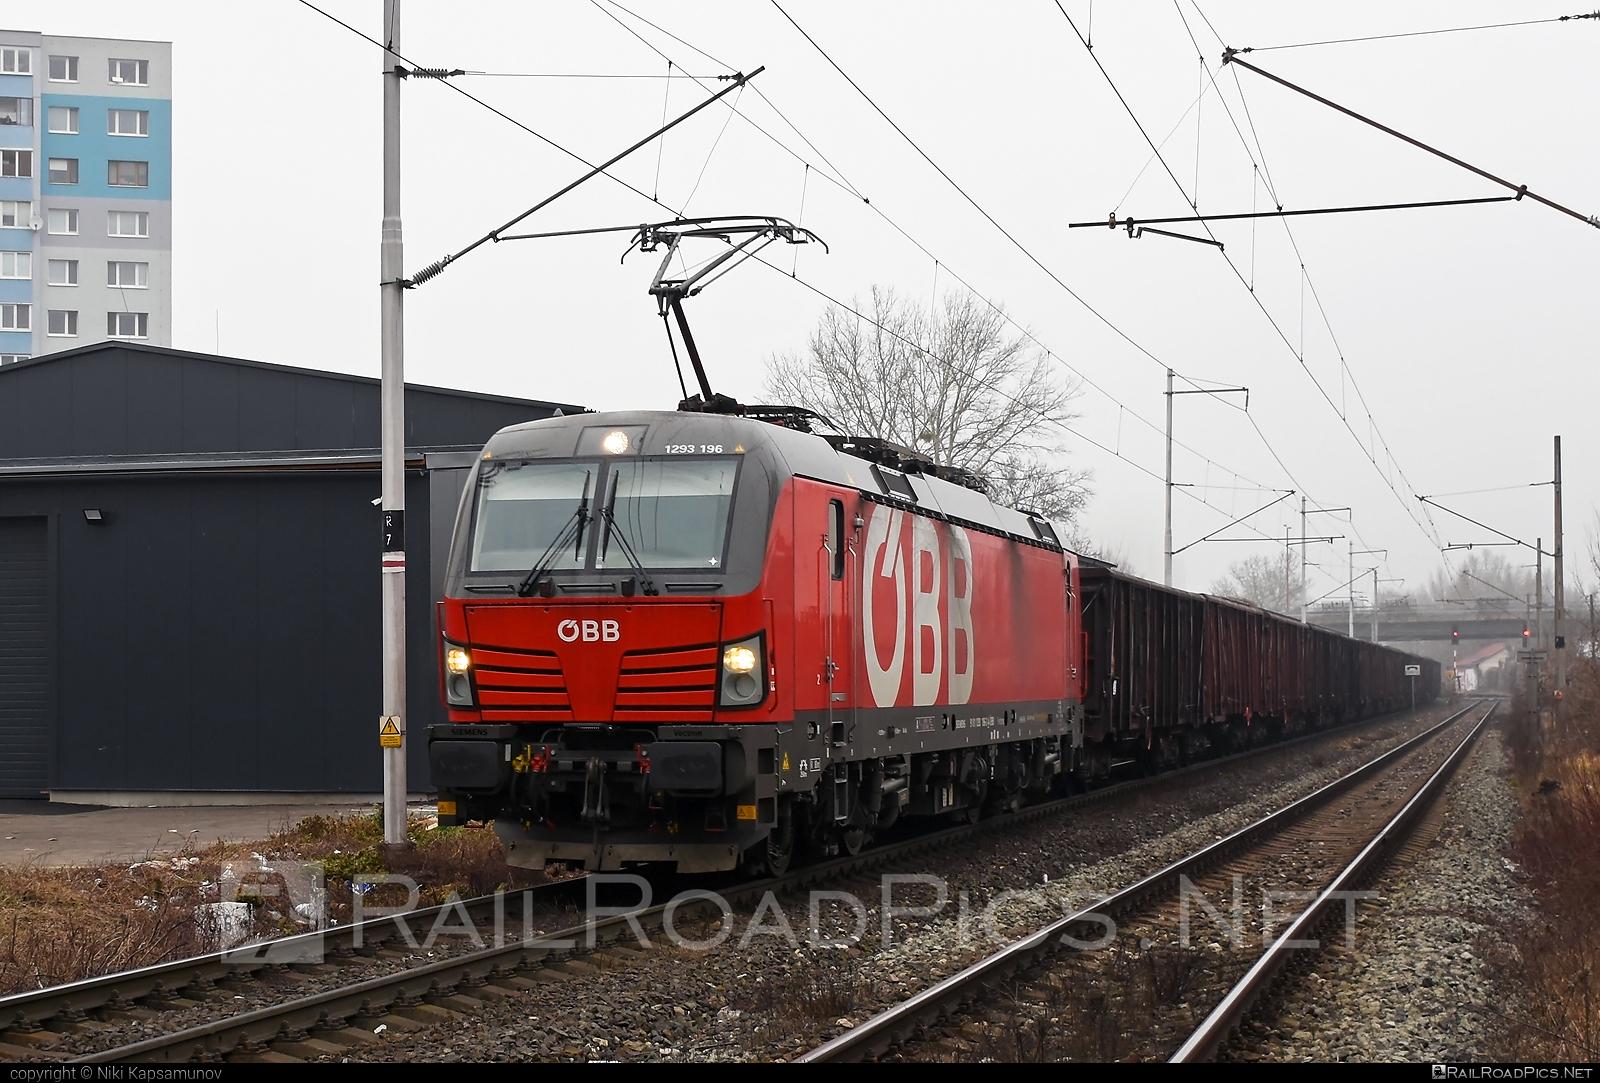 Siemens Vectron MS - 1293 196 operated by Rail Cargo Austria AG #obb #osterreichischebundesbahnen #rcw #siemens #siemensvectron #siemensvectronms #vectron #vectronms